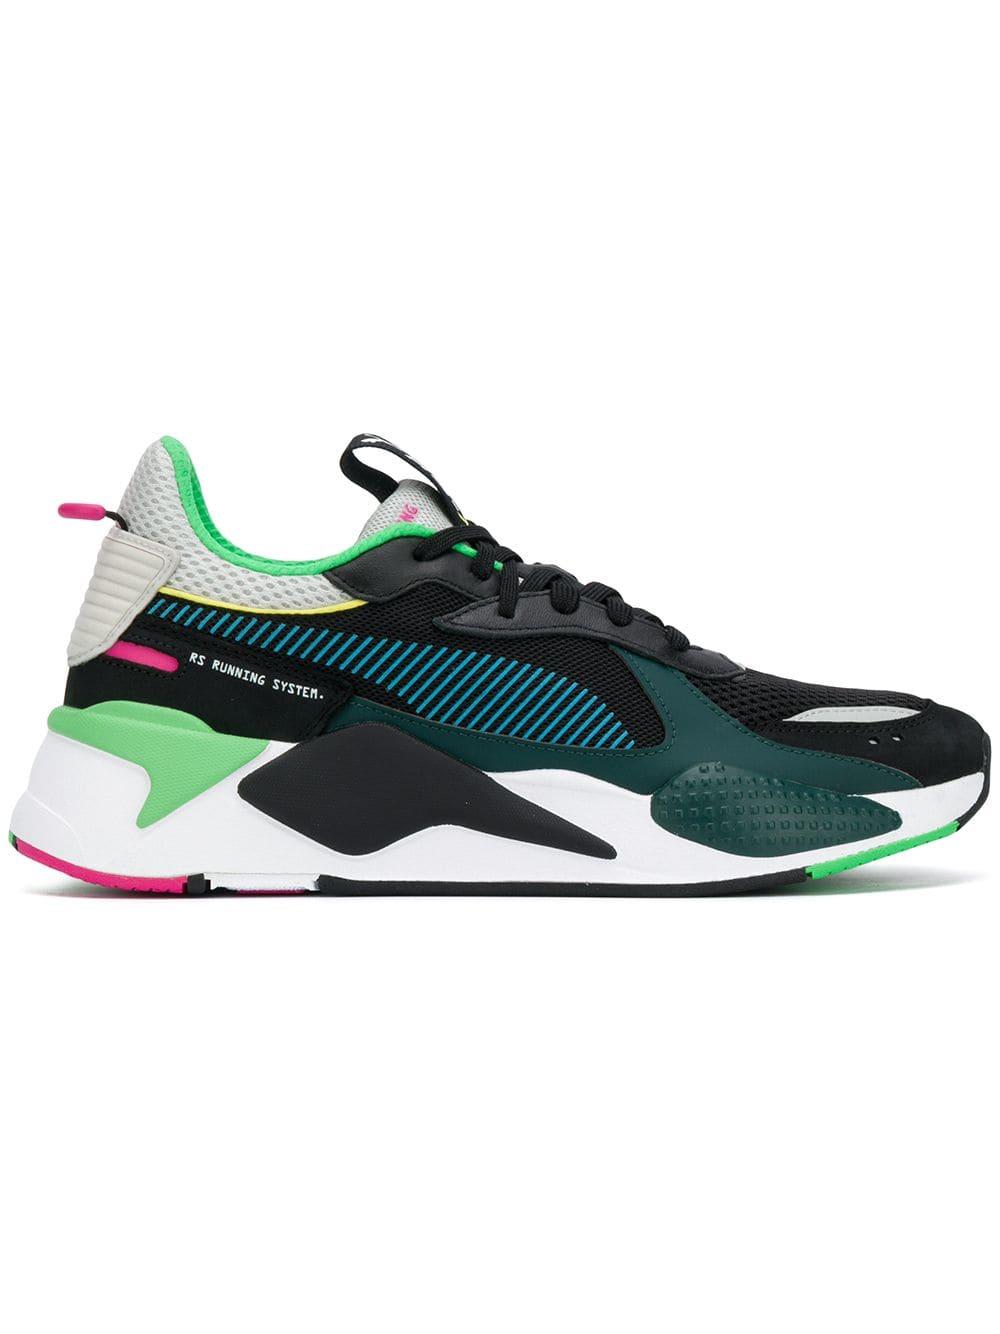 zapatillas saucony para correr mujer puma black green